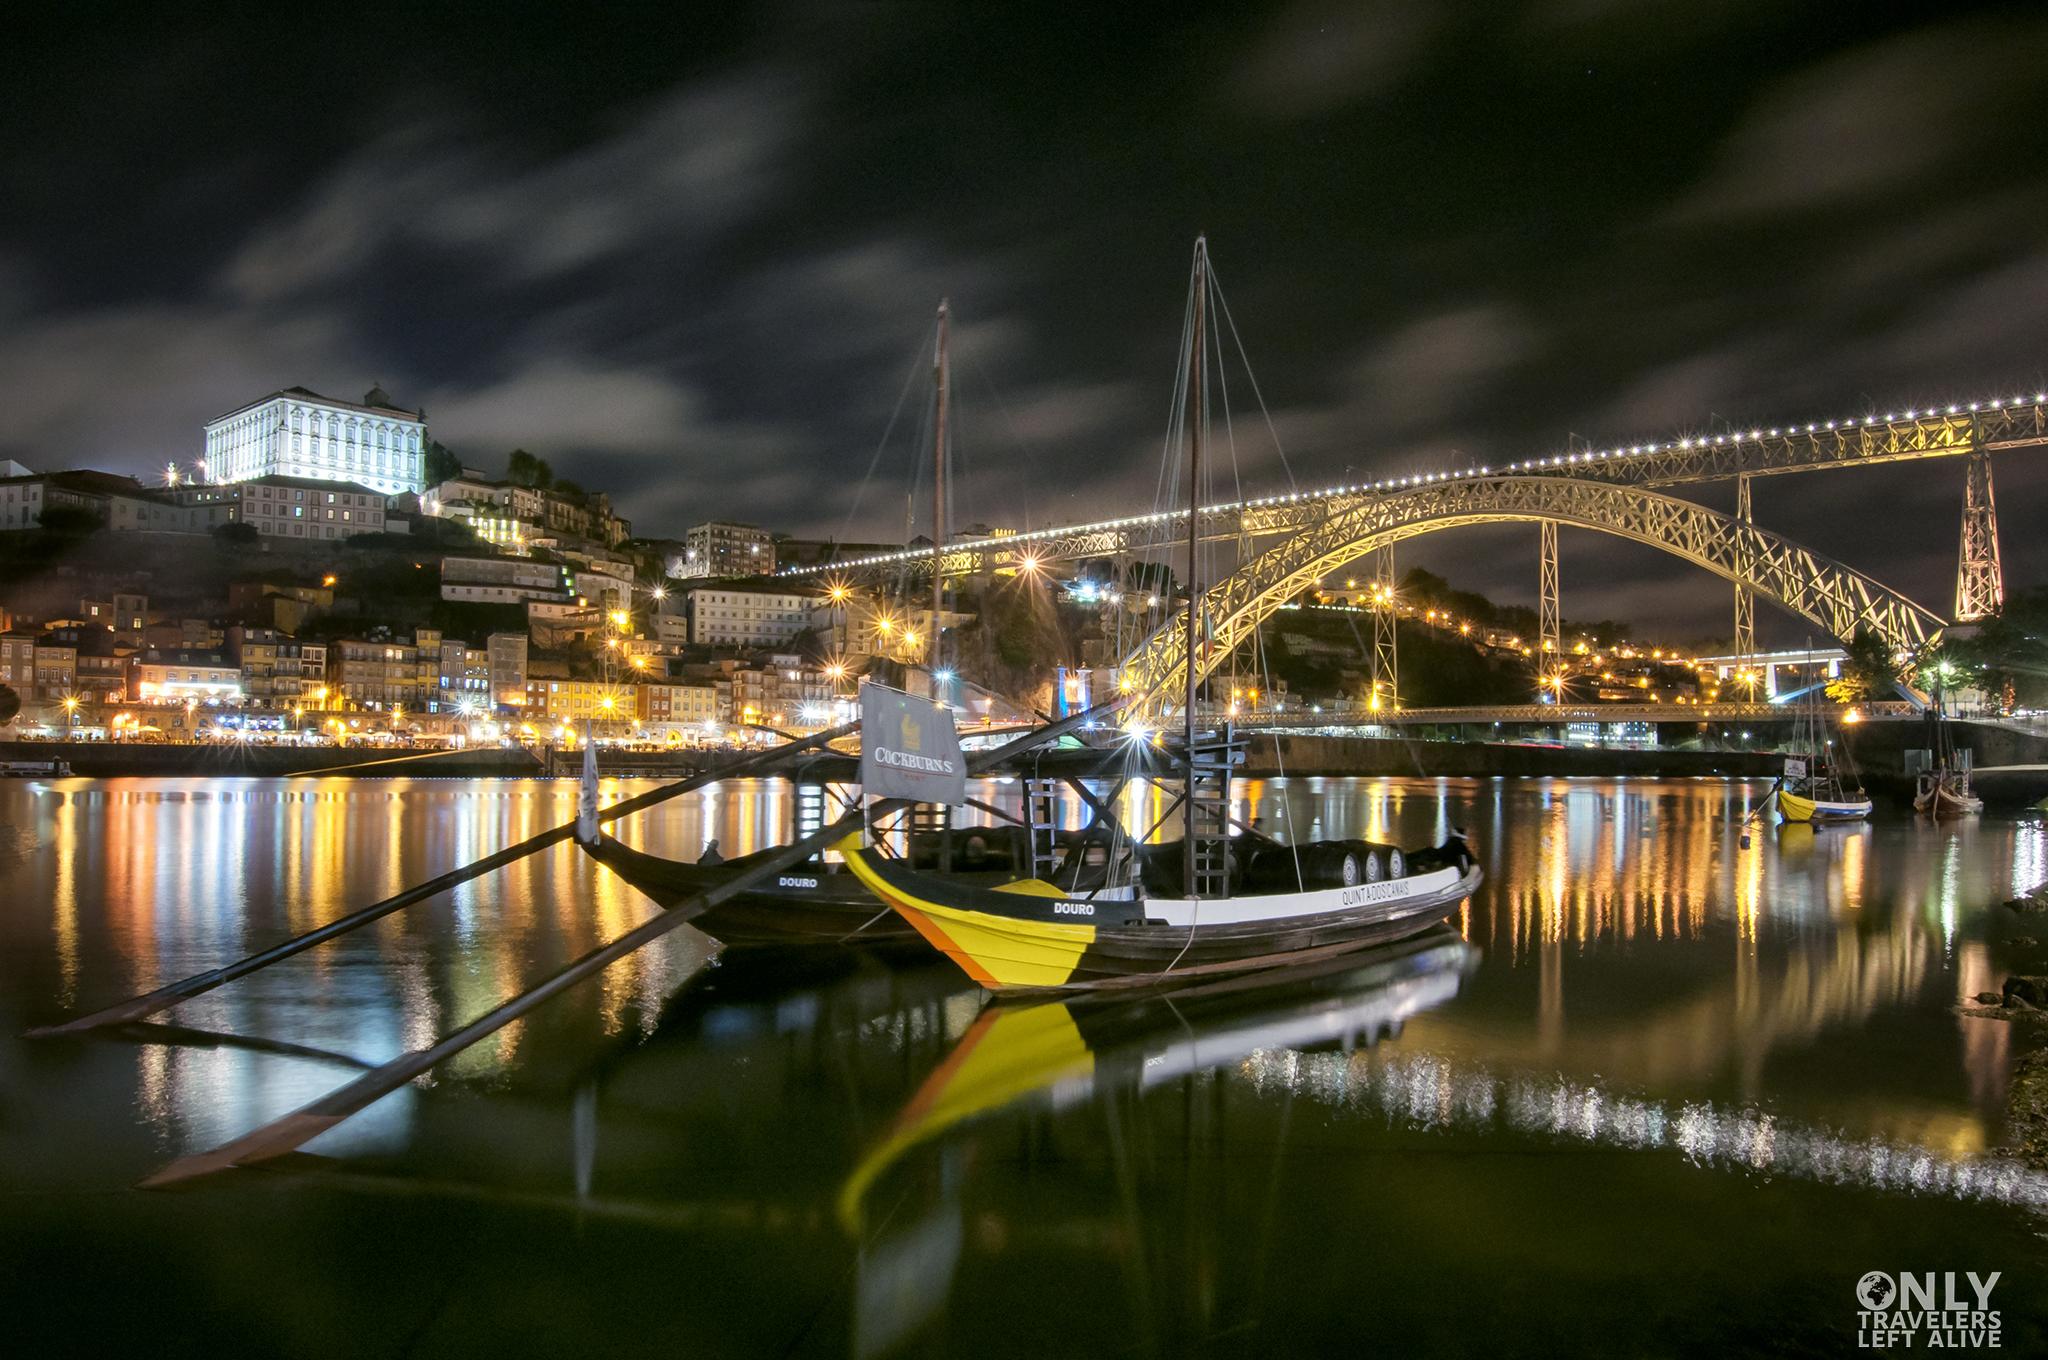 Ponte Luiz I Porto only travelers left alive